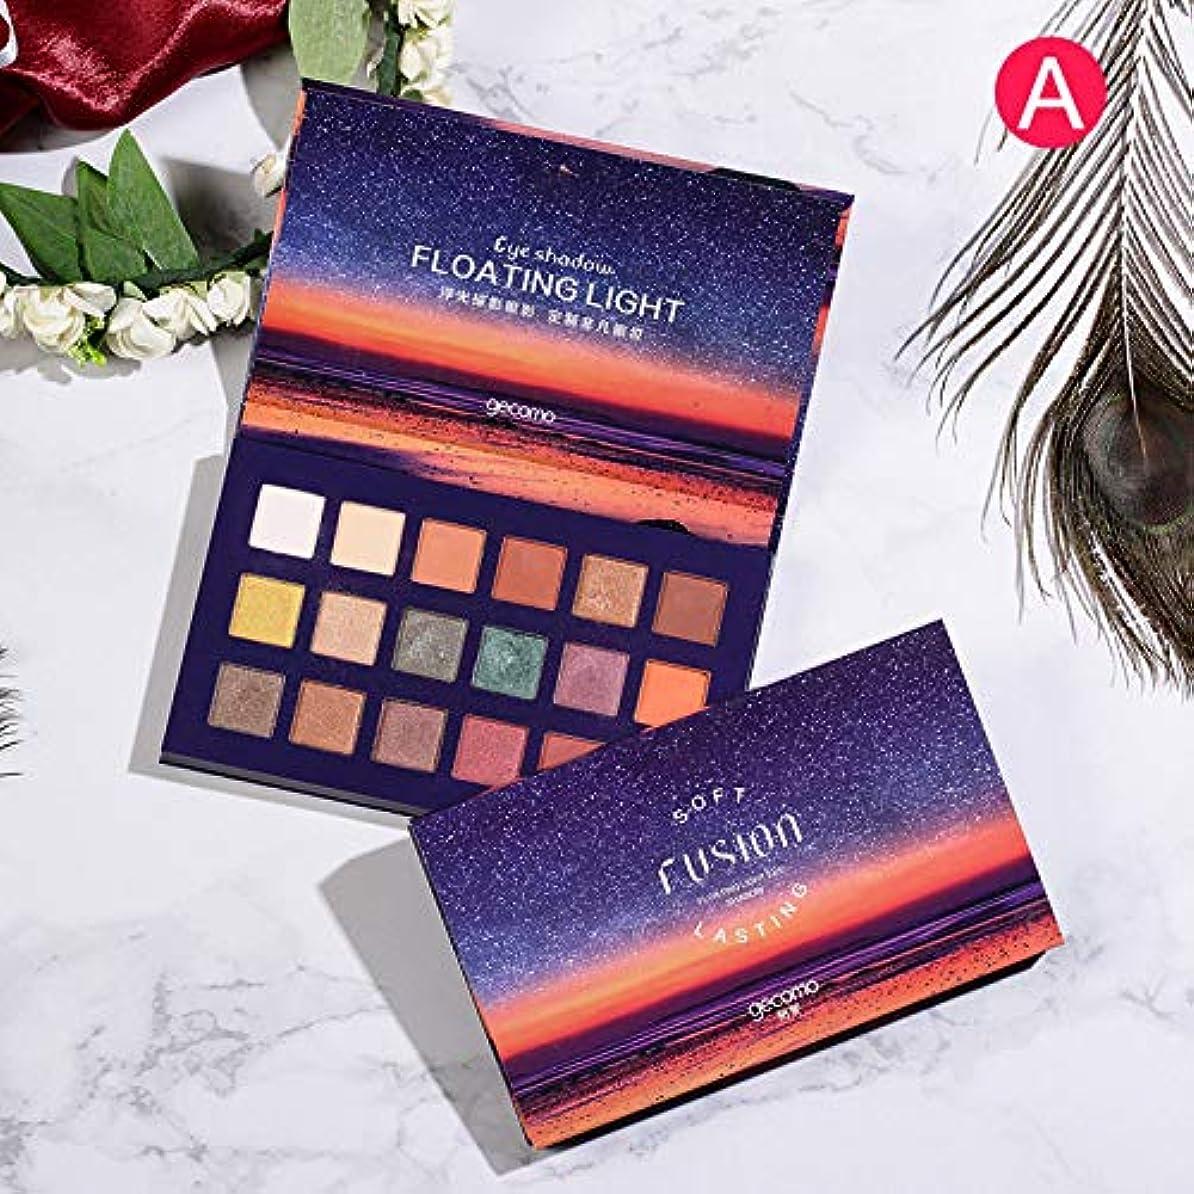 キャプチャー周り分析的Symboat アイシャドウパレット 18色無光沢ロングラスティング フローティングライト 鮮やかな発色 化粧品 ナチュラル 自然立体 多色 化粧美容人気 完全な色調 (A)